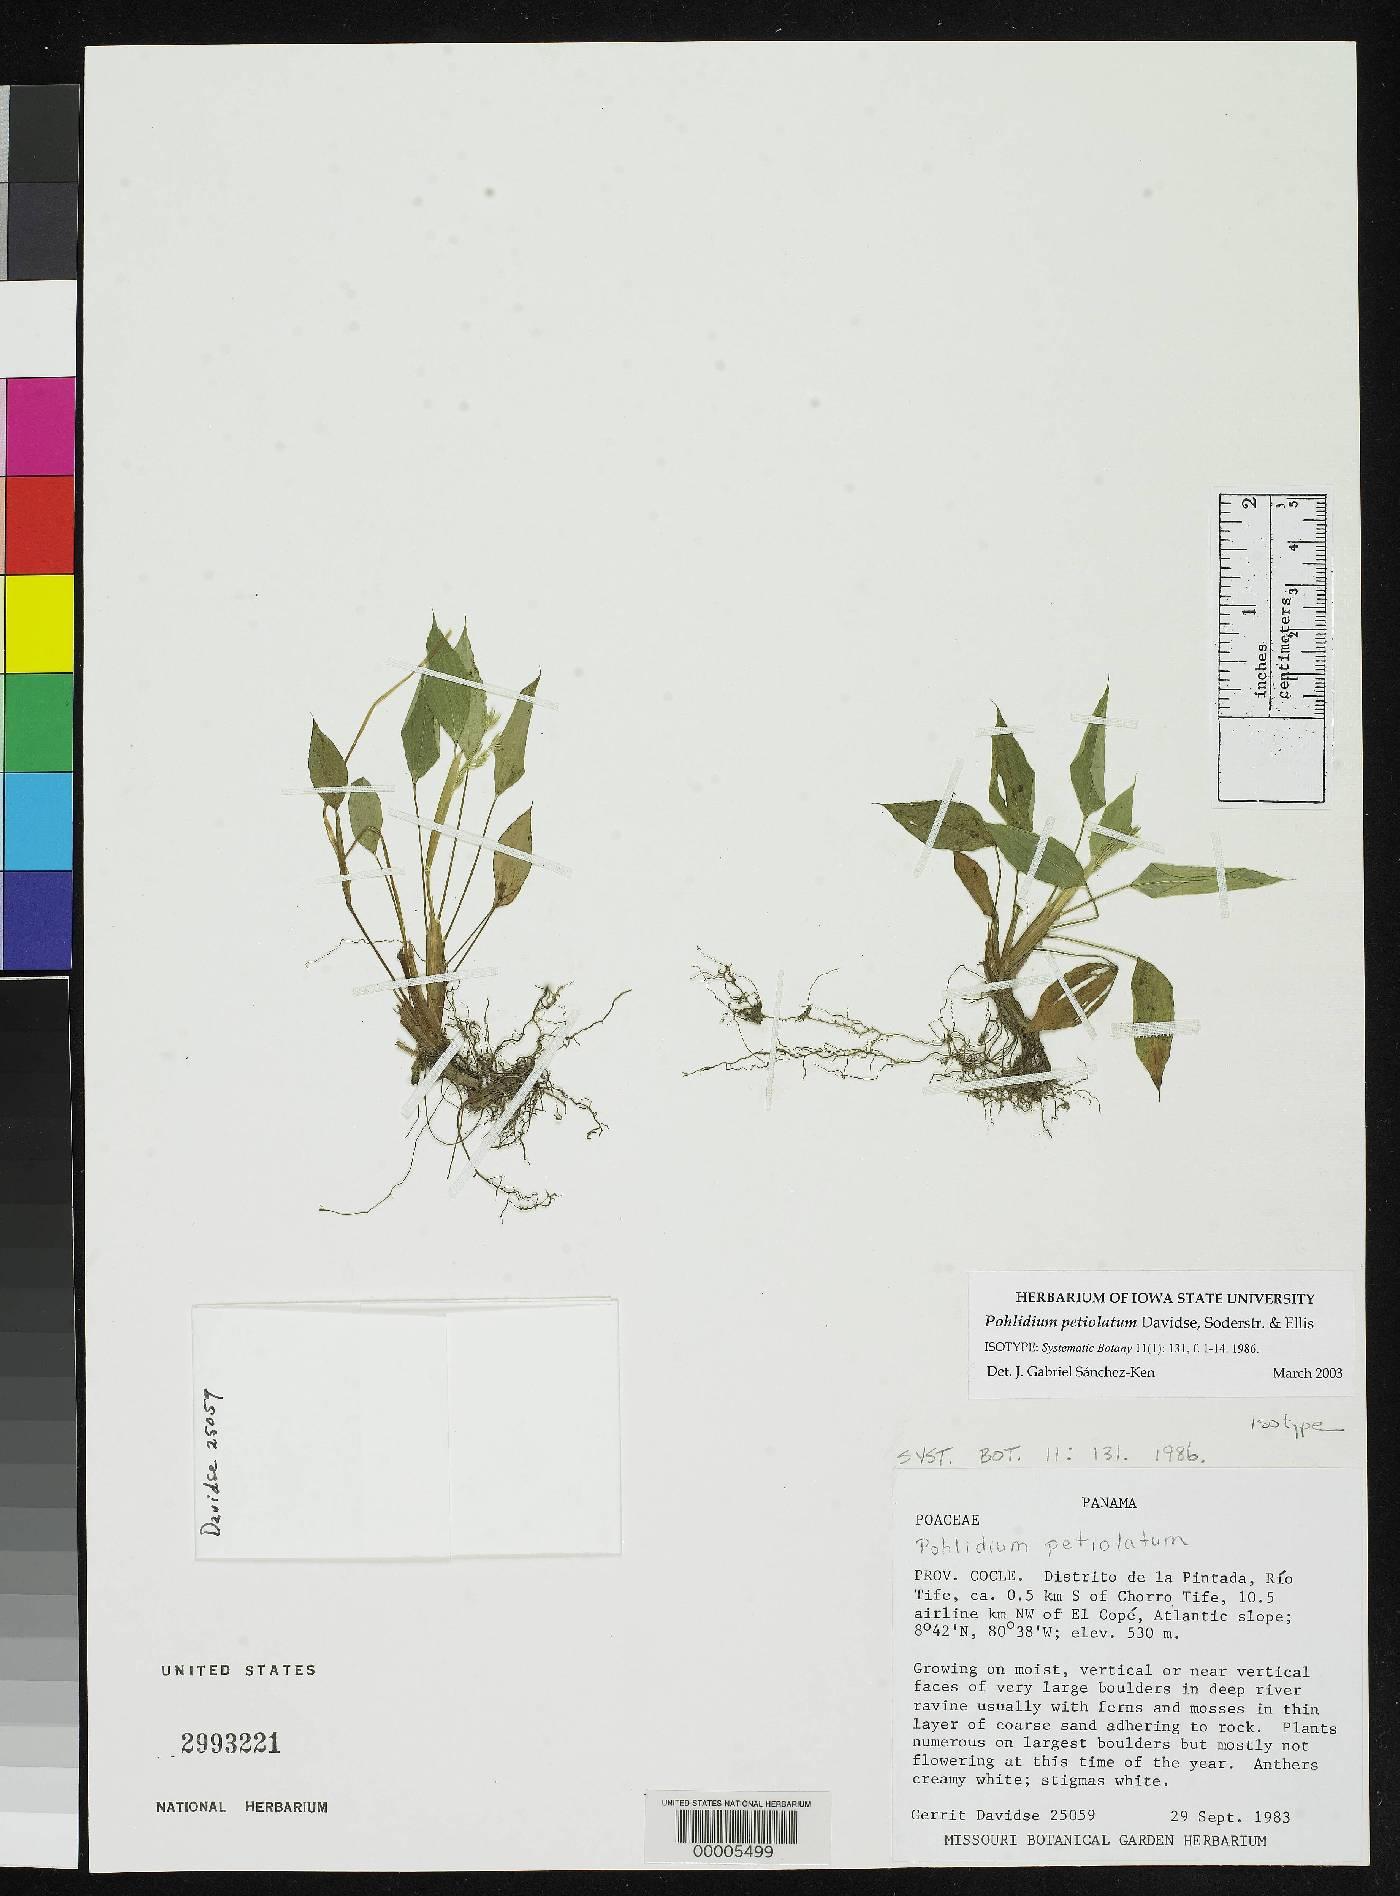 Pohlidium petiolatum image